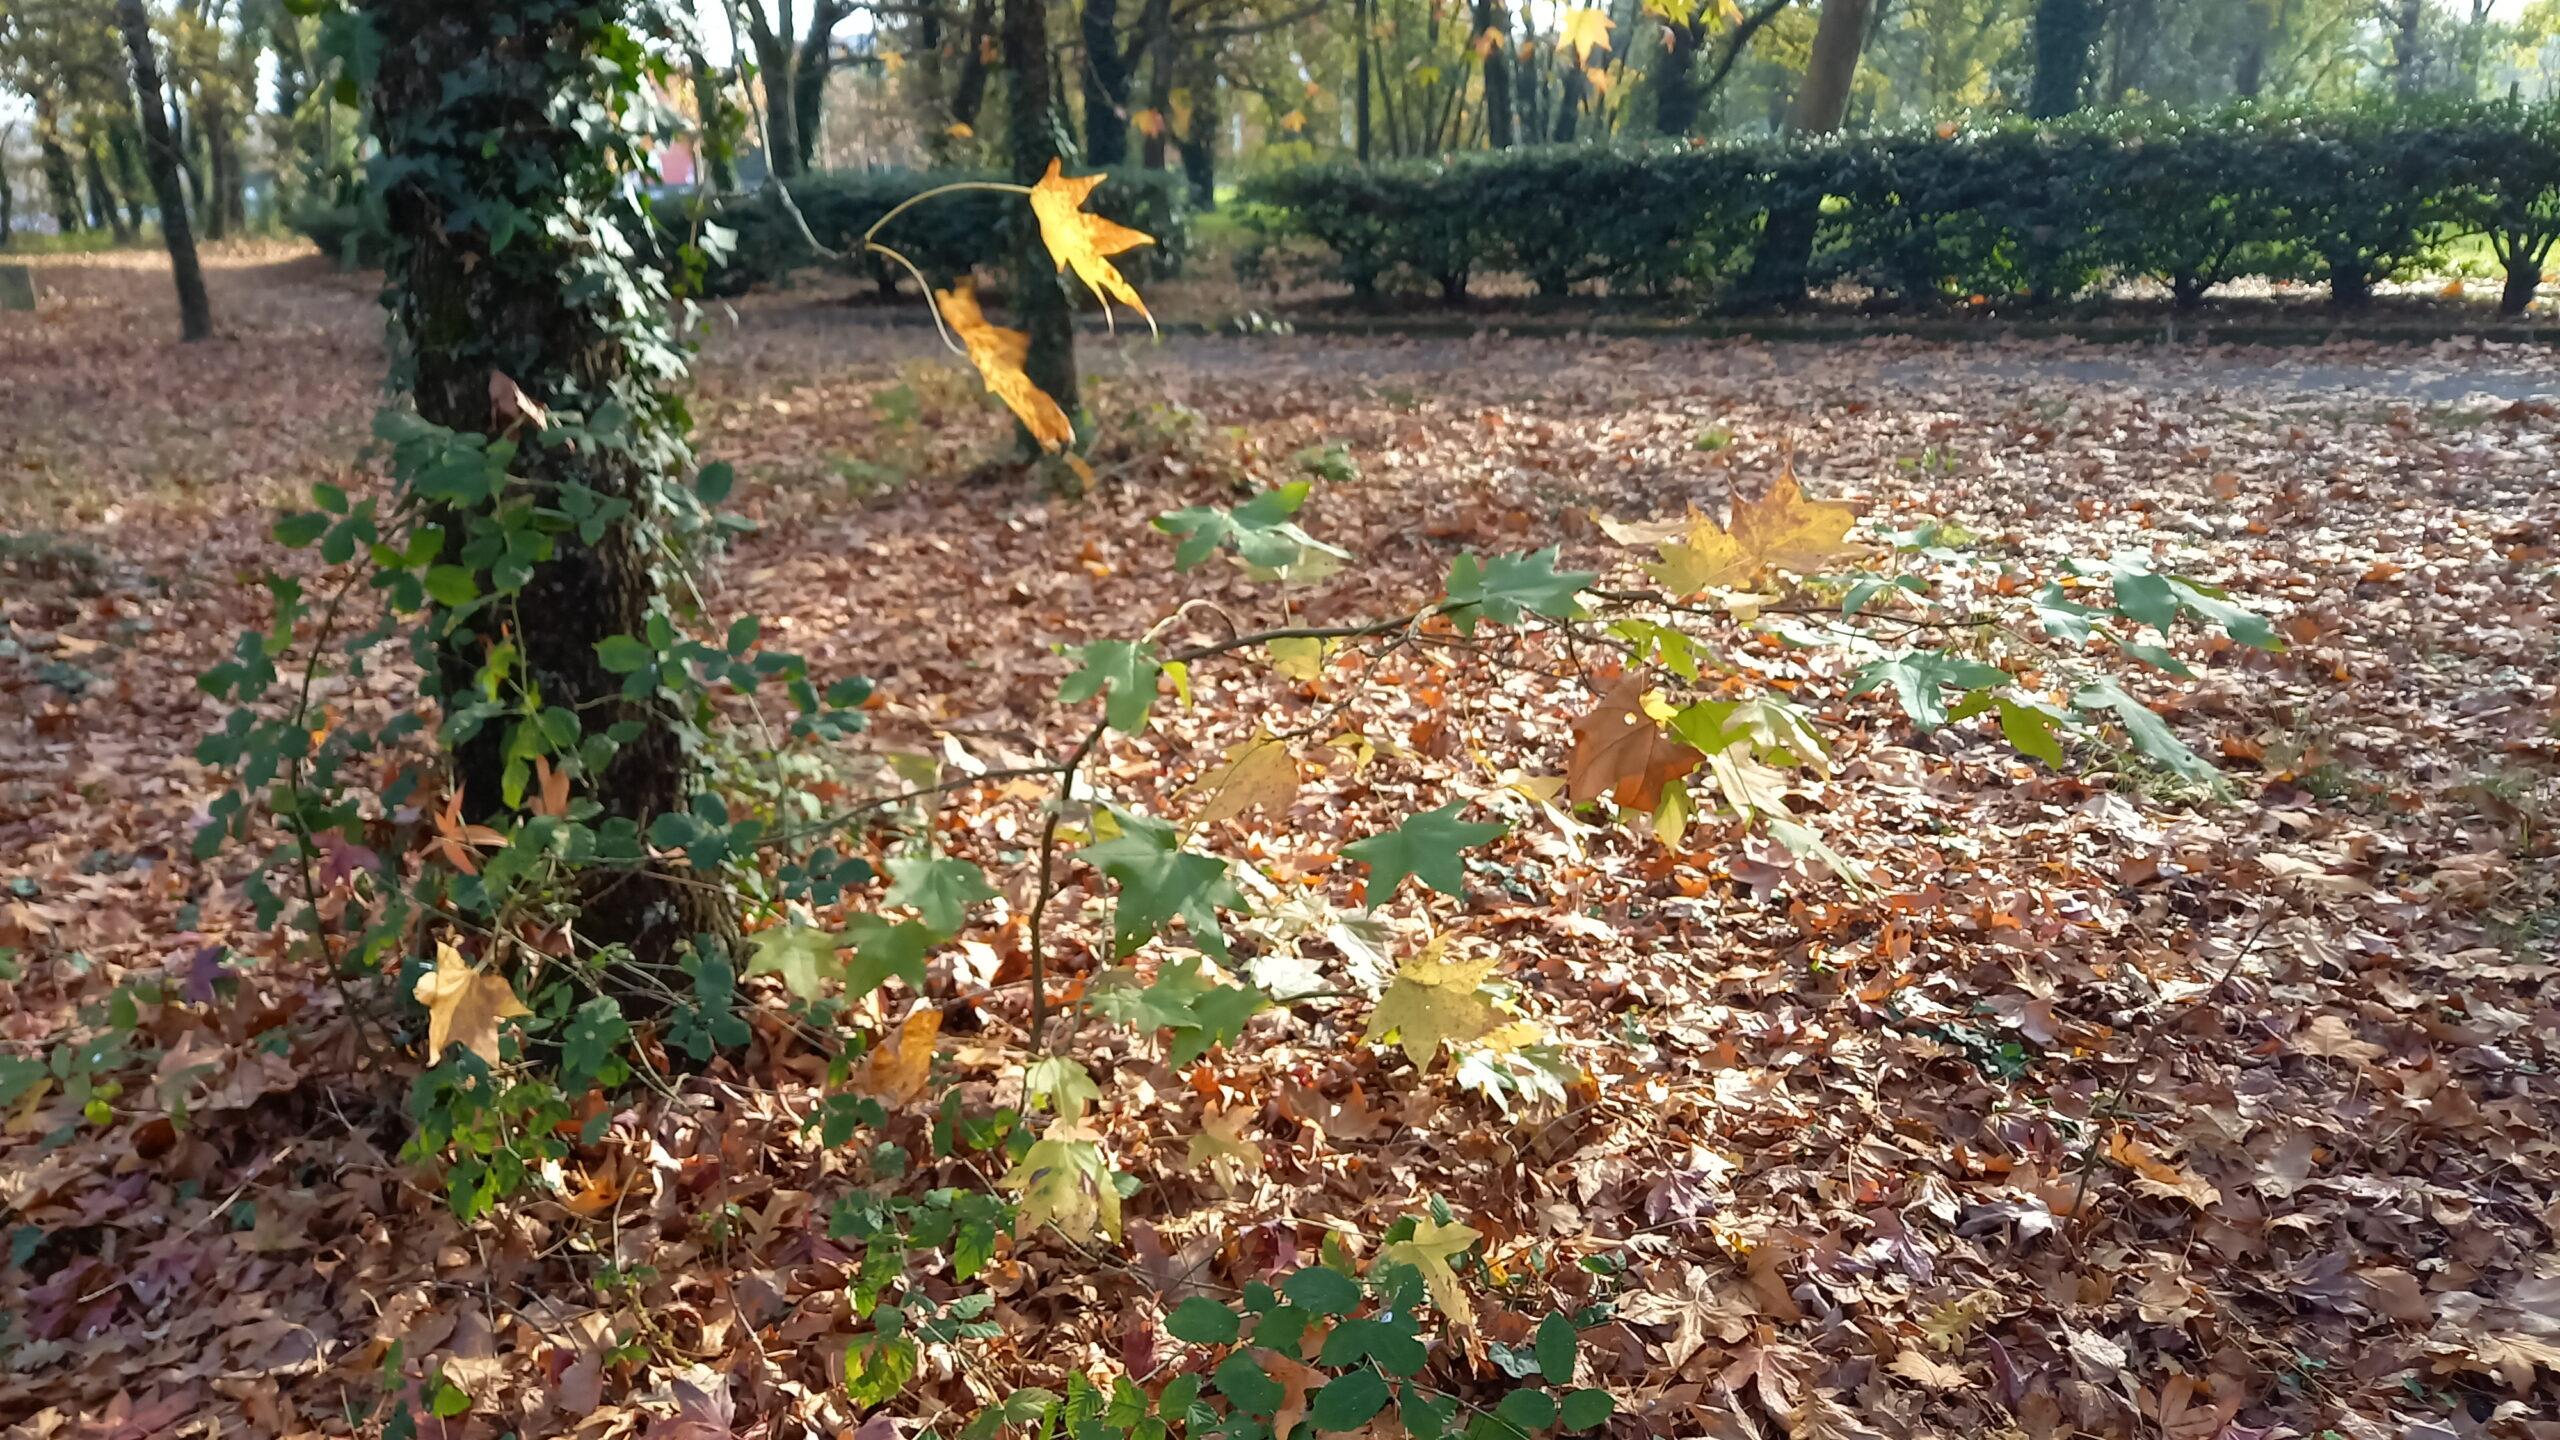 Pousse de platane au pied d'un autre arbre, entouré de feuilles mortes.